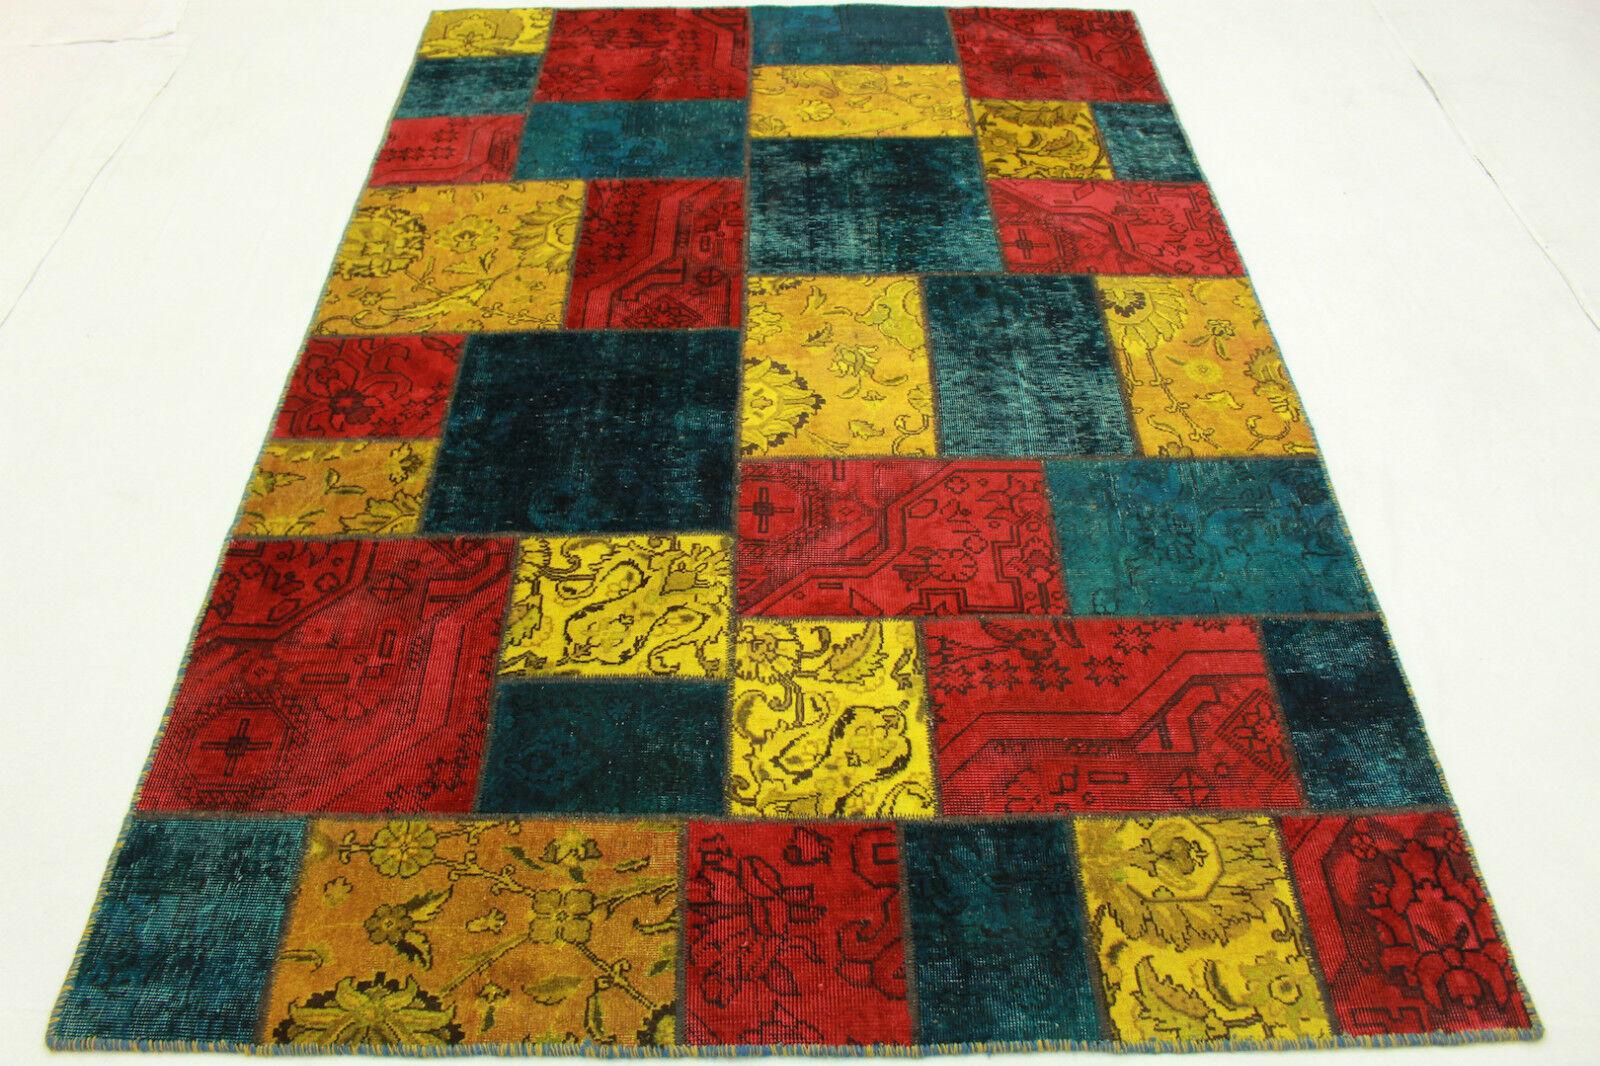 Patchwork Orient alfombra vintage vivo 240x170 turquesa rojo amarillo look usado 1996